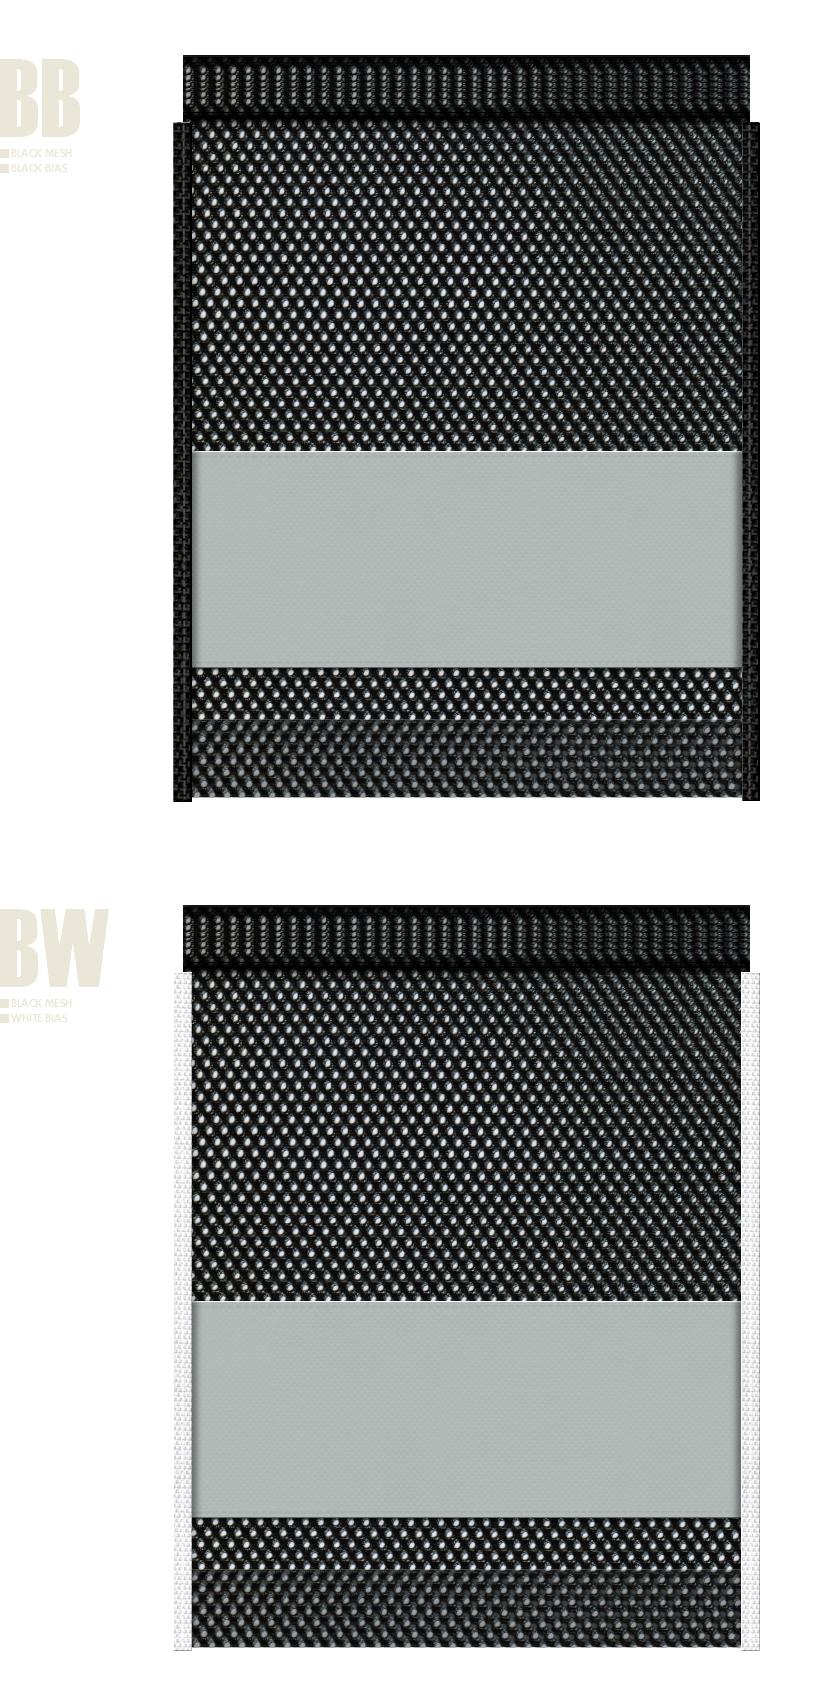 黒色メッシュとグレー色不織布のメッシュバッグカラーシミュレーション:スポーツ用品・シューズバッグにお奨め